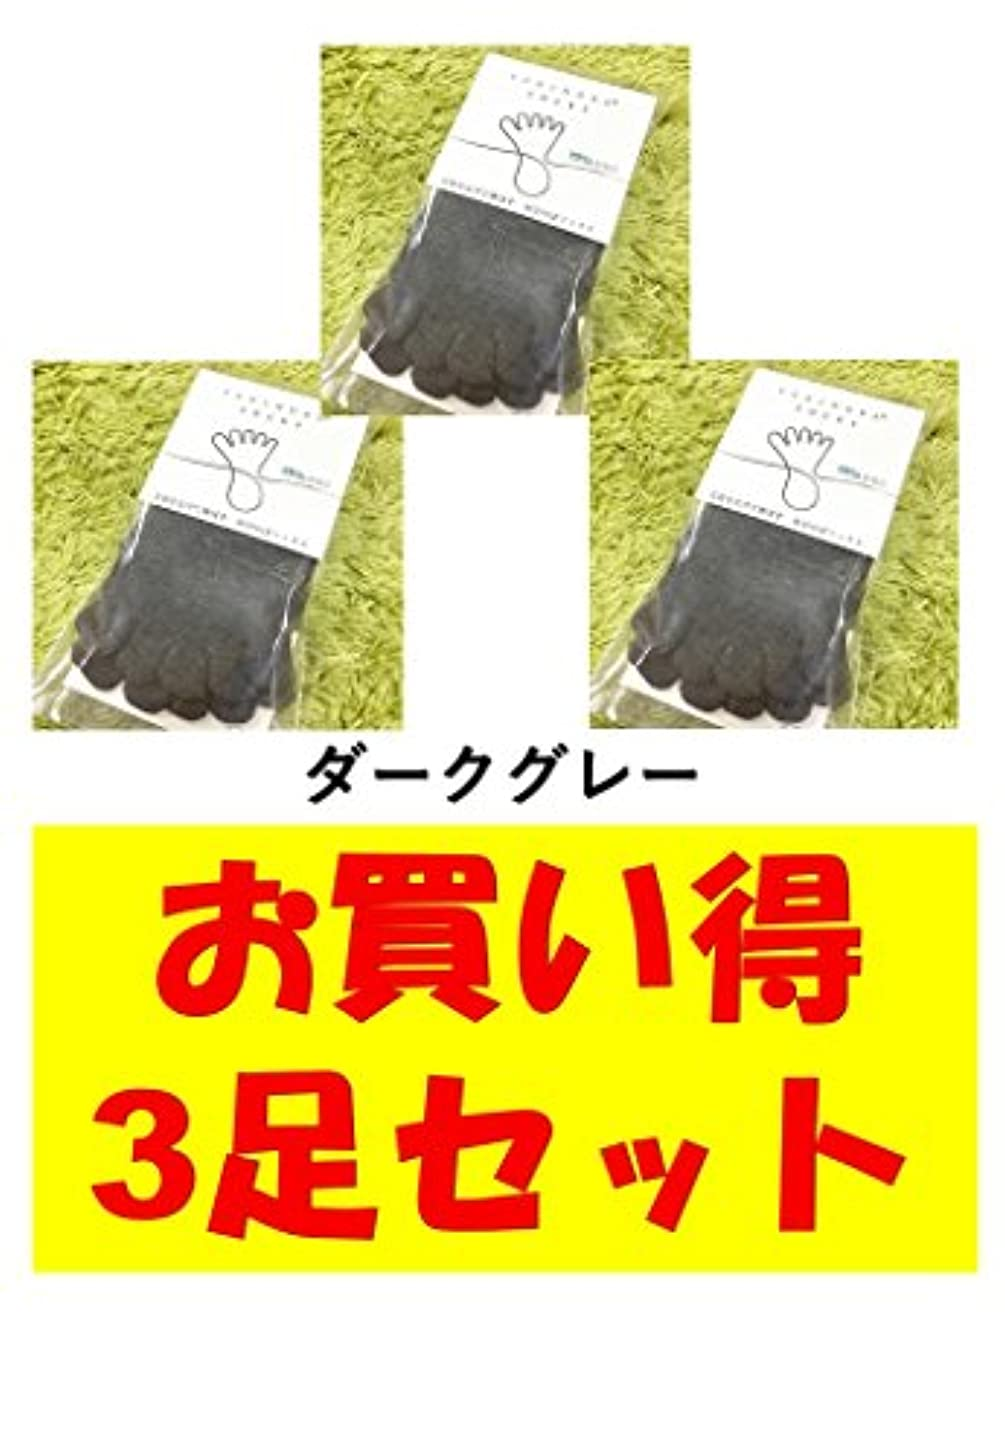 アラビア語バウンスイデオロギーお買い得3足セット 5本指 ゆびのばソックス ゆびのばレギュラー ダークグレー 男性用 25.5cm-28.0cm HSREGR-DGL